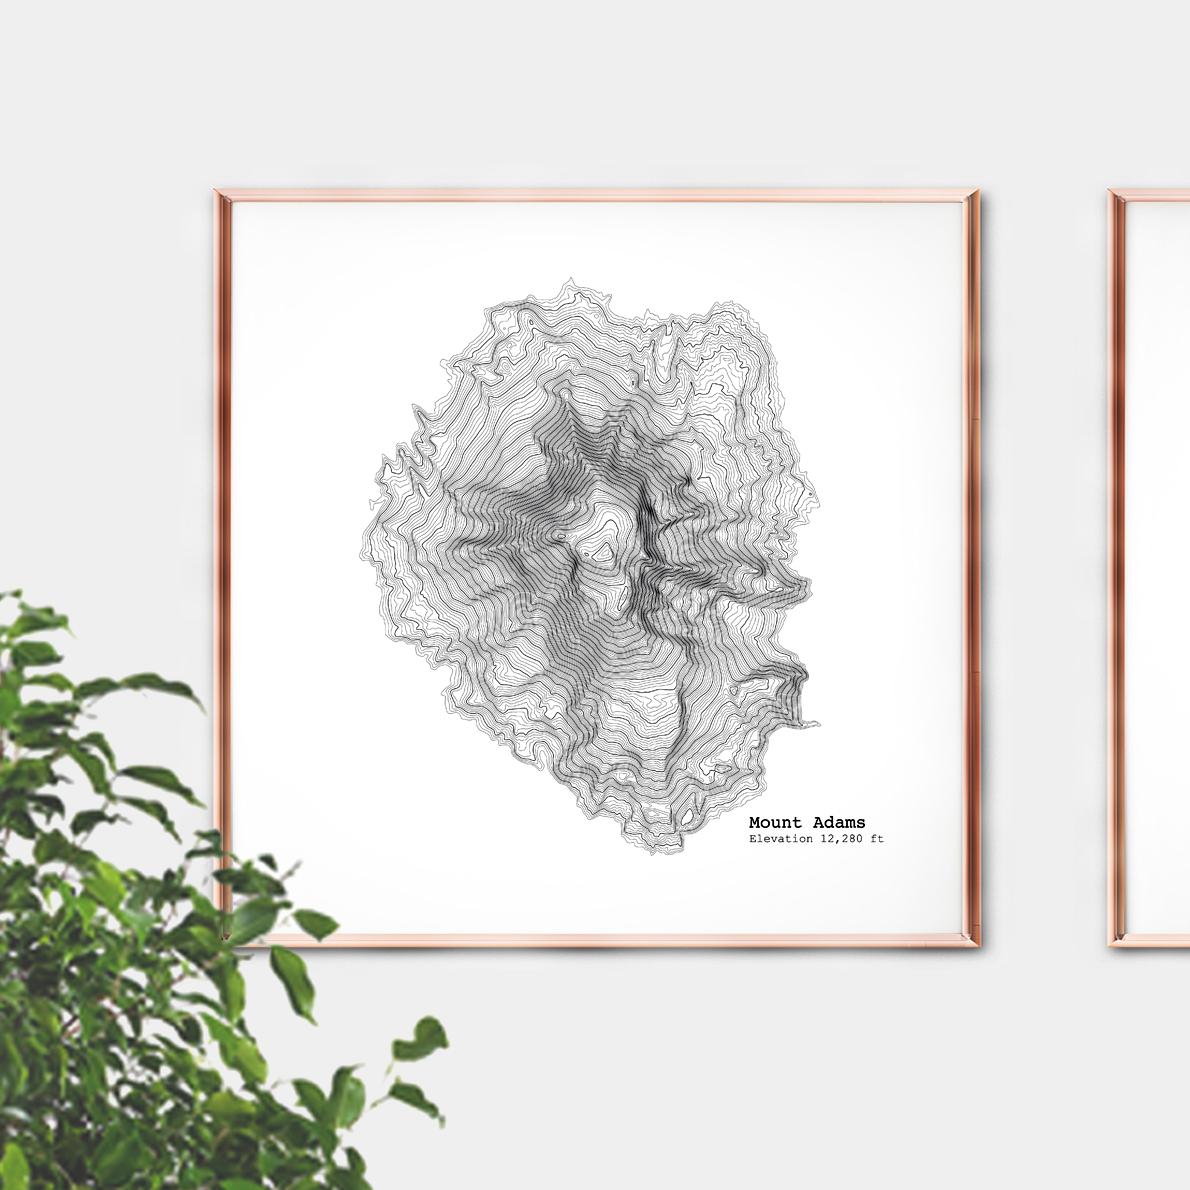 mt adams framed 3.jpg